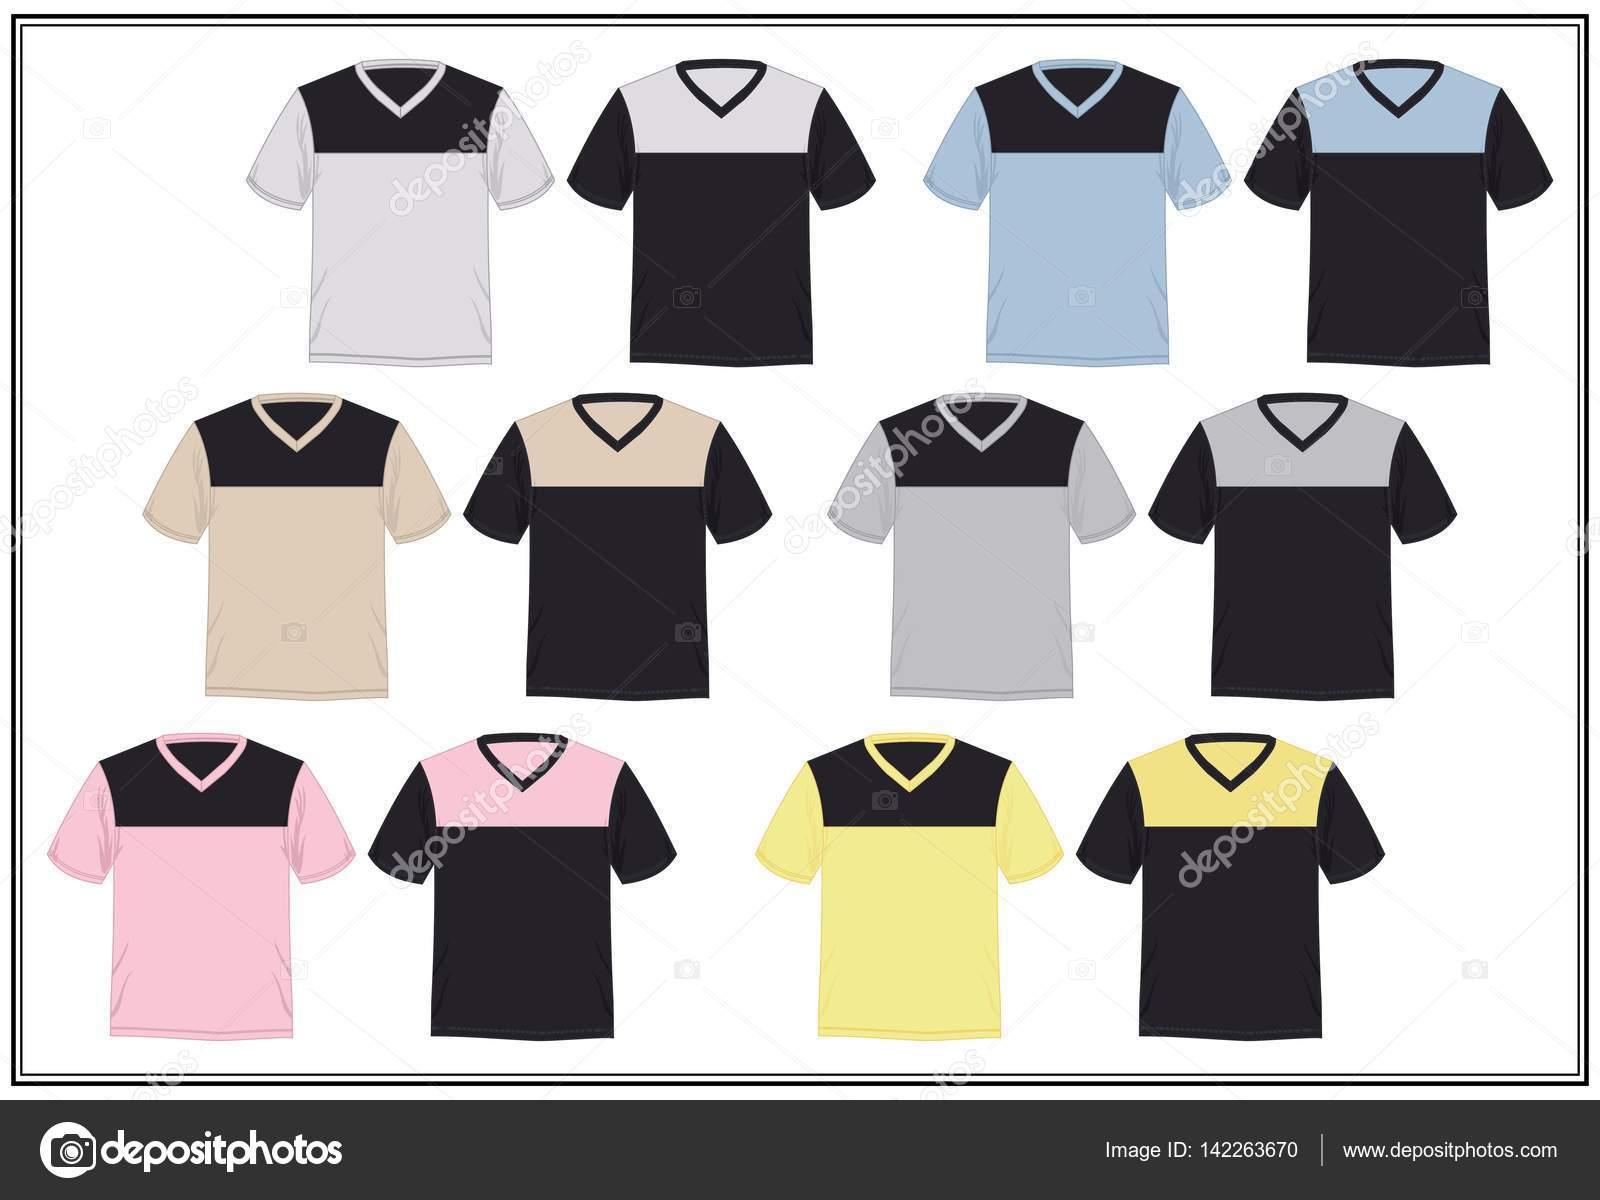 Grafiken bunt T-shirt Vorlage Kombination V-Ausschnitt Herren ...